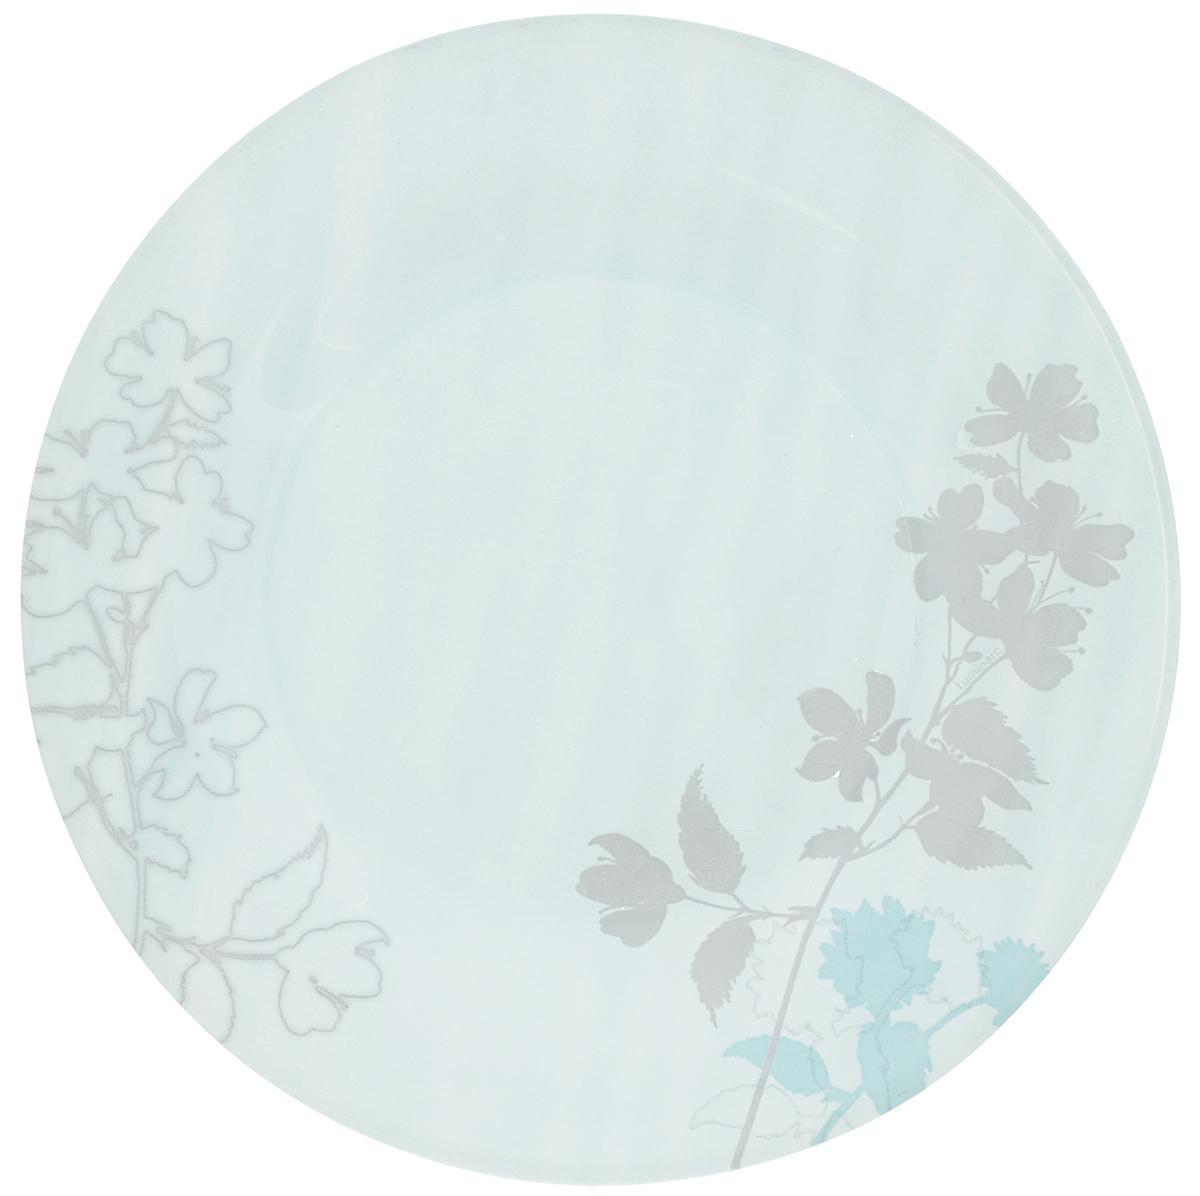 Тарелка десертная Luminarc Cayla Blue, диаметр 19,5 смJ8834Десертная тарелка Luminarc Cayla Blue, изготовленная из ударопрочного стекла, имеет изысканный внешний вид. Такая тарелка прекрасно подходит как для торжественных случаев, так и для повседневного использования. Идеальна для подачи десертов, пирожных, тортов и многого другого. Она прекрасно оформит стол и станет отличным дополнением к вашей коллекции кухонной посуды. Диаметр тарелки (по верхнему краю): 19,5 см.